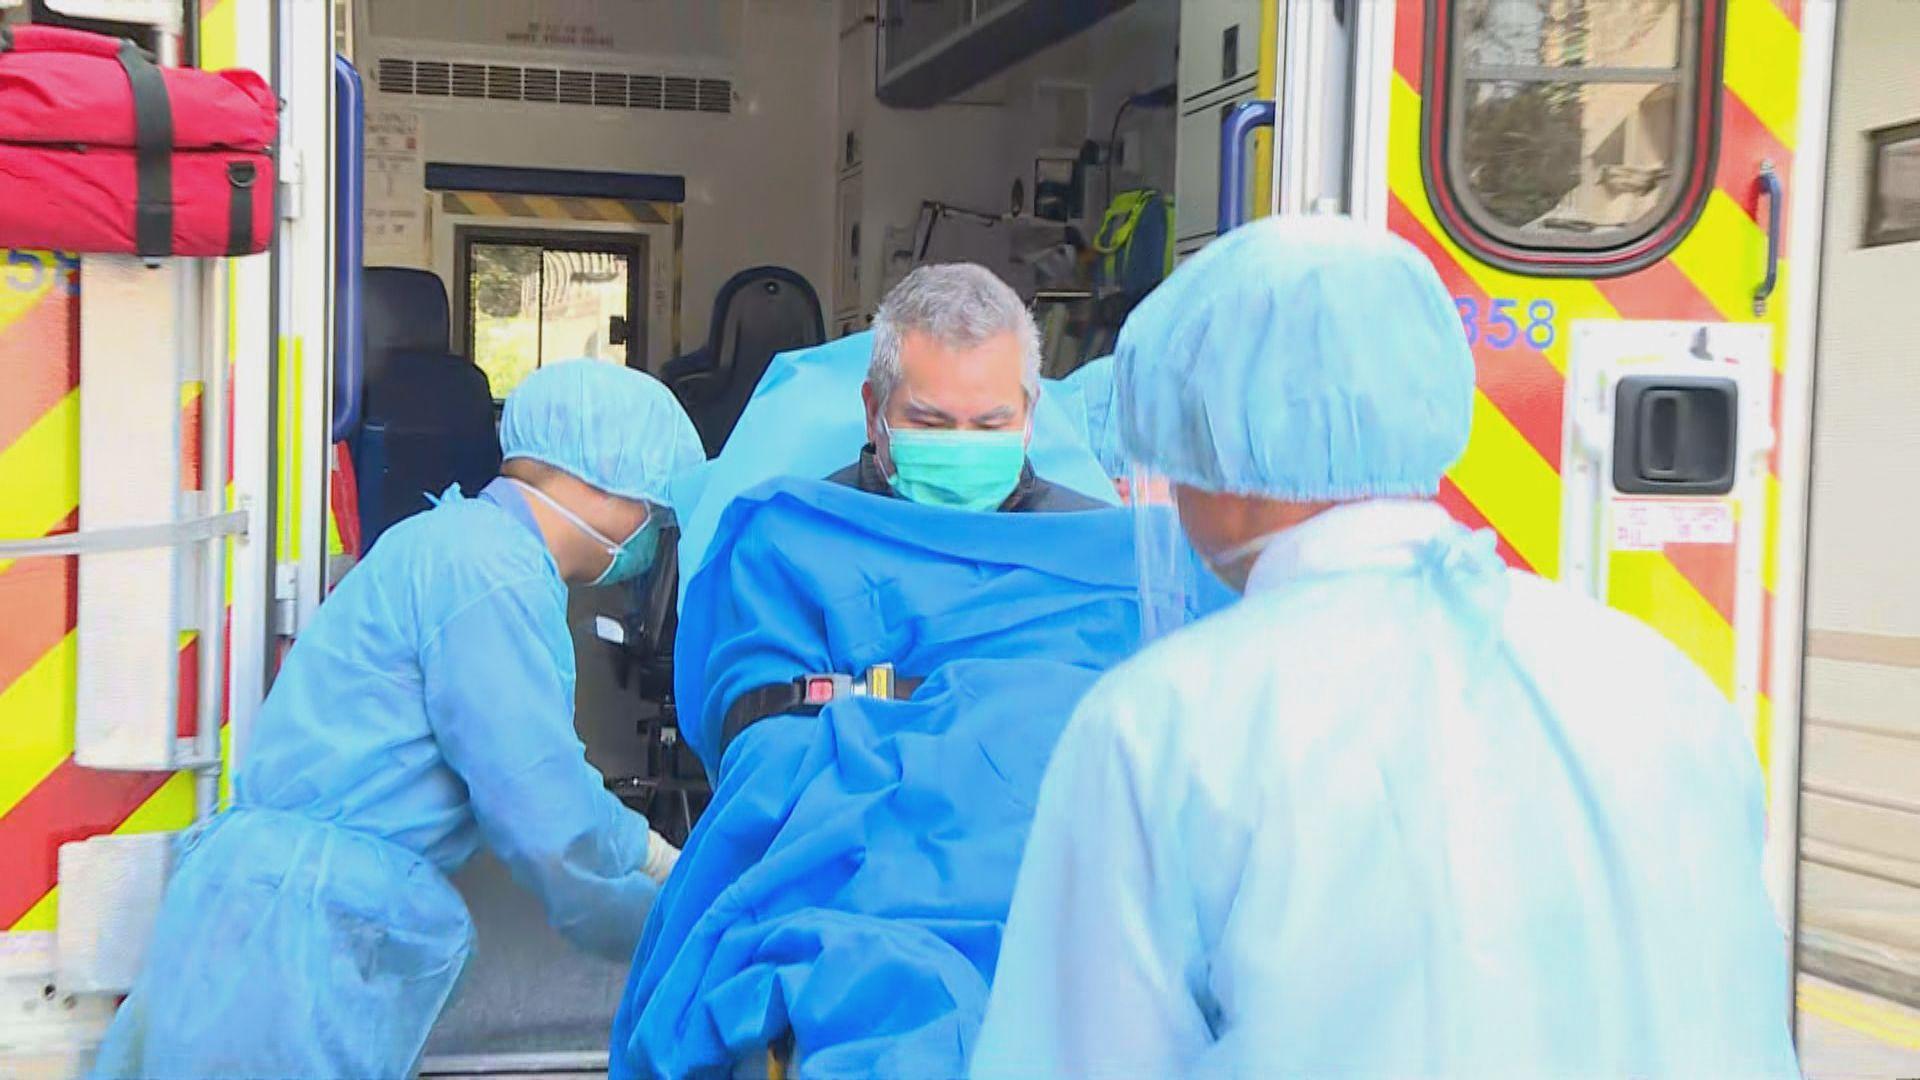 鑽石公主號68歲男子返港後初步確診新型冠狀病毒